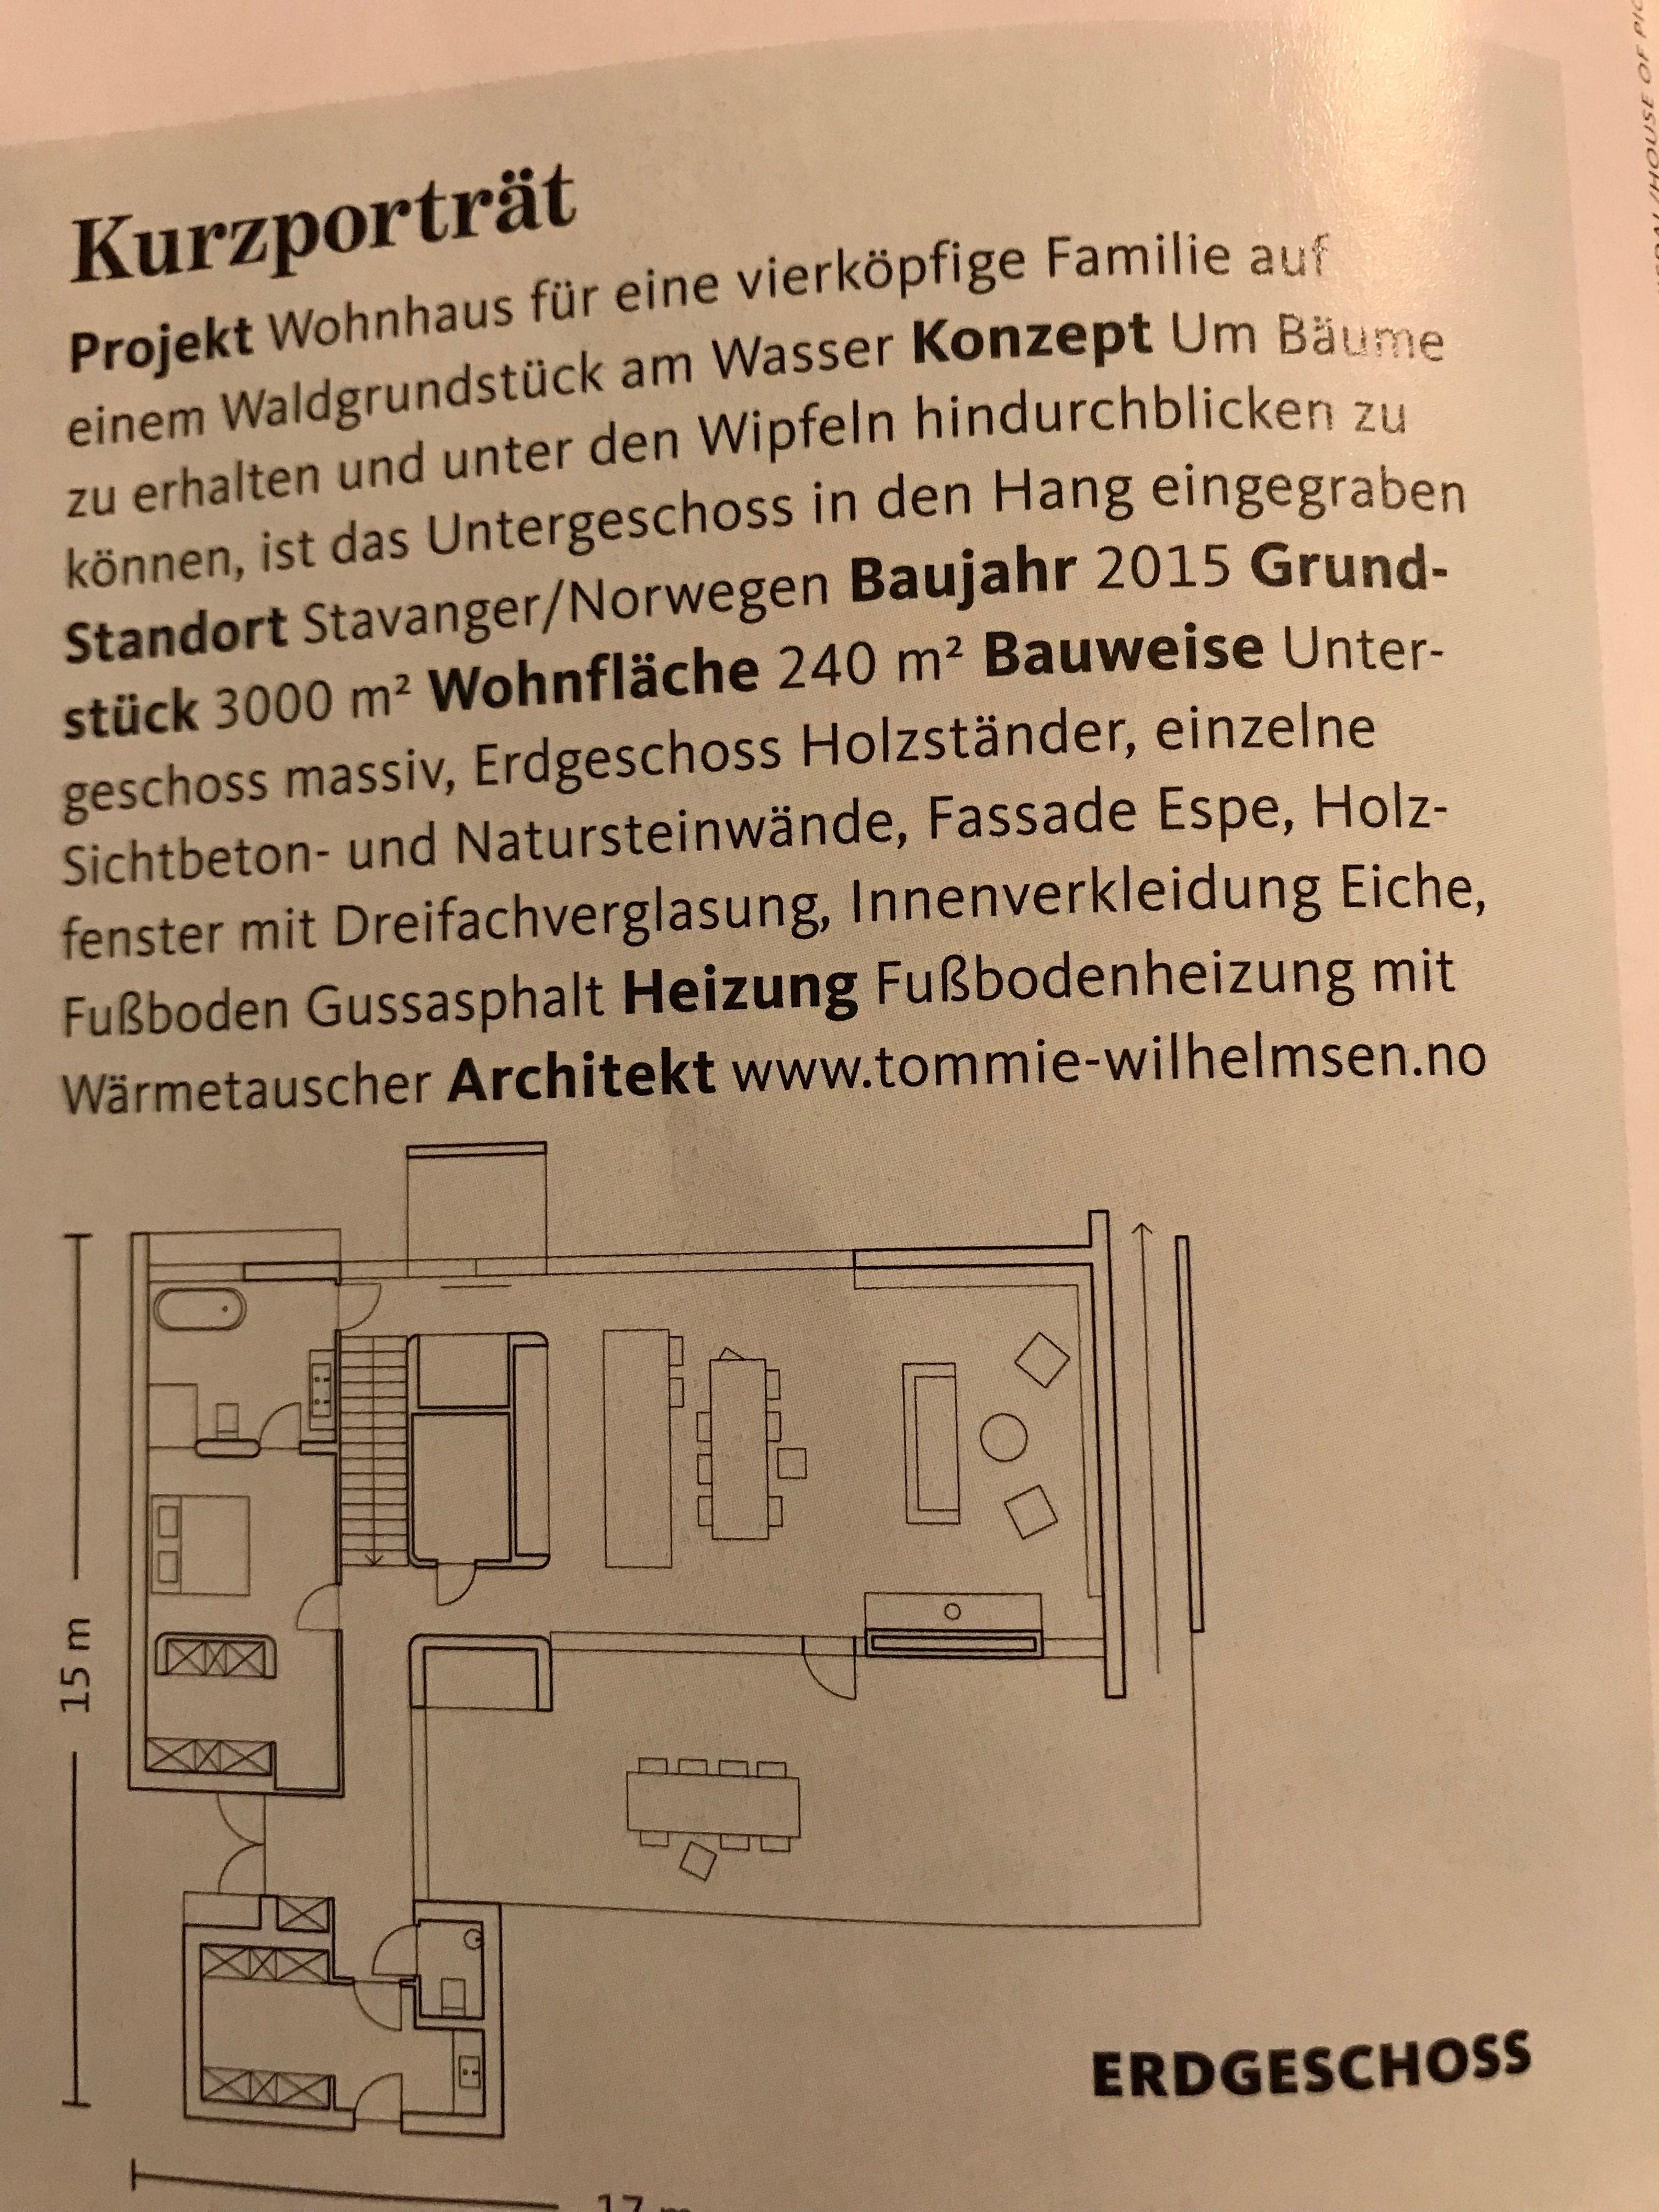 Pin Von Bernadette Paessens Auf Haus Erdgeschoss Wohnhaus Konzept